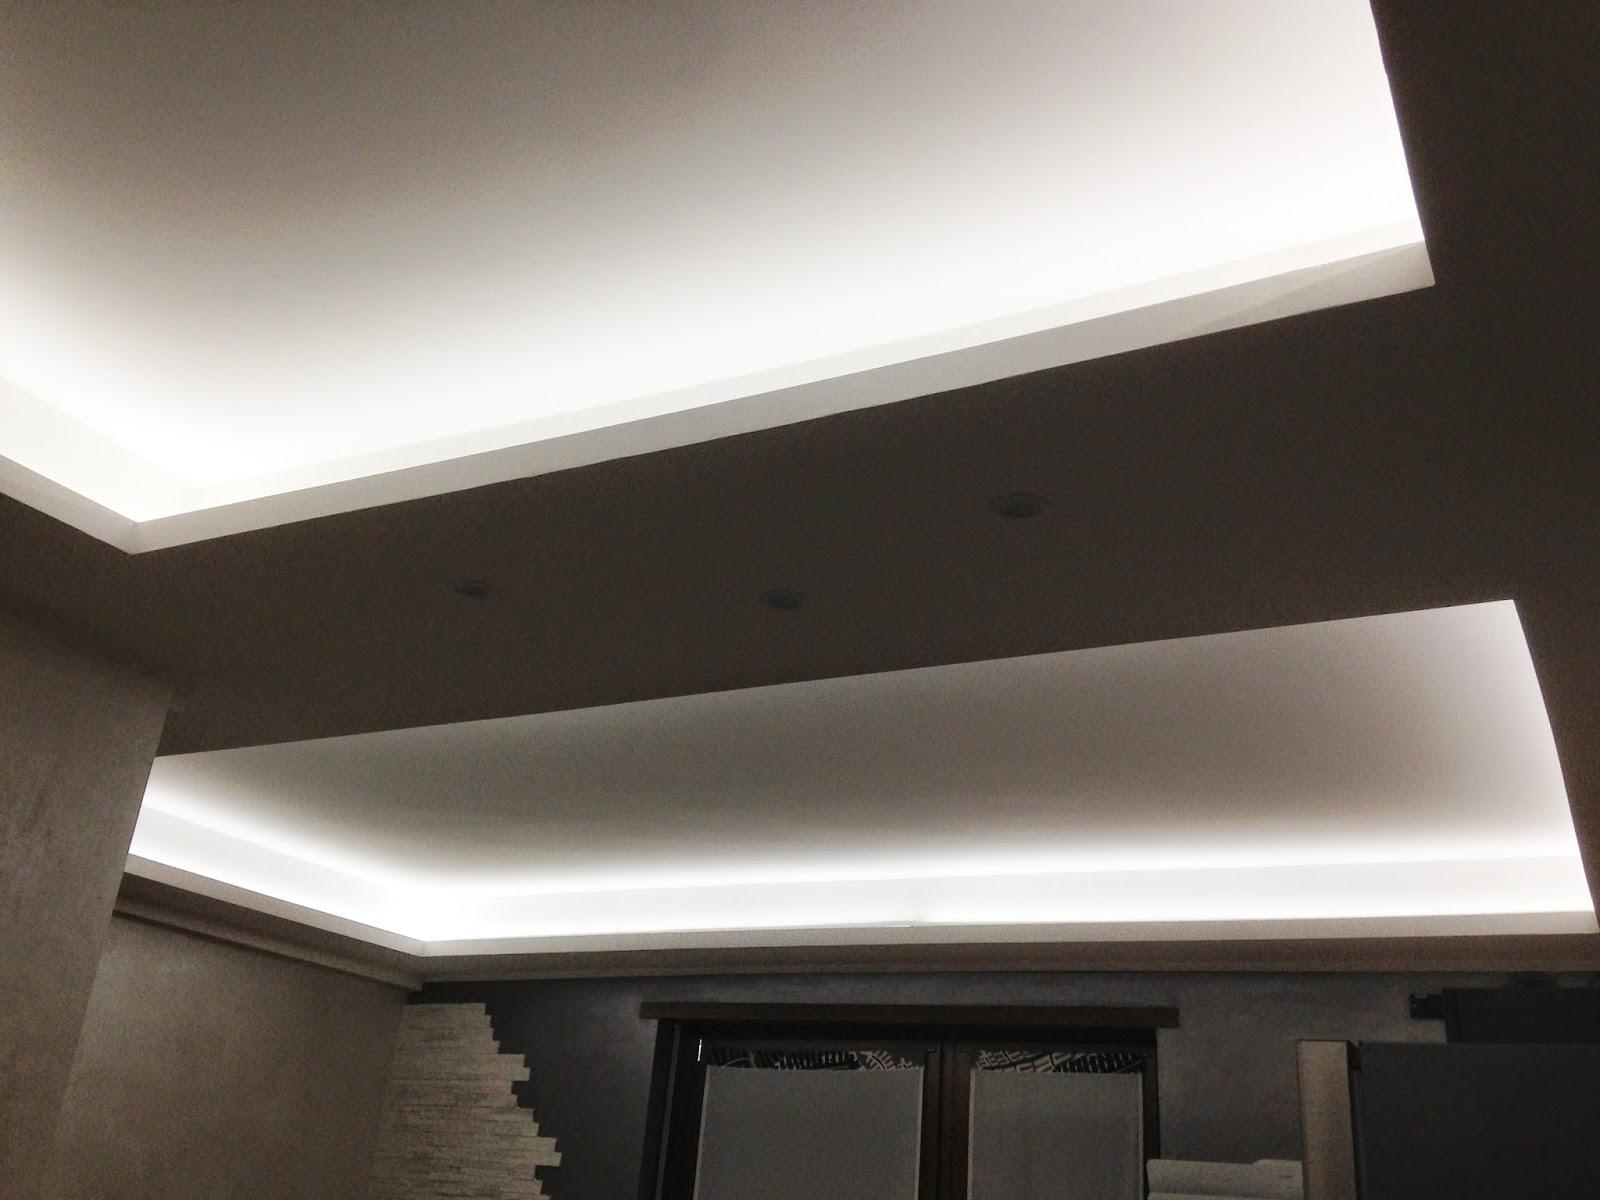 Illuminazione Led casa: Torino - Ristrutturando un ...